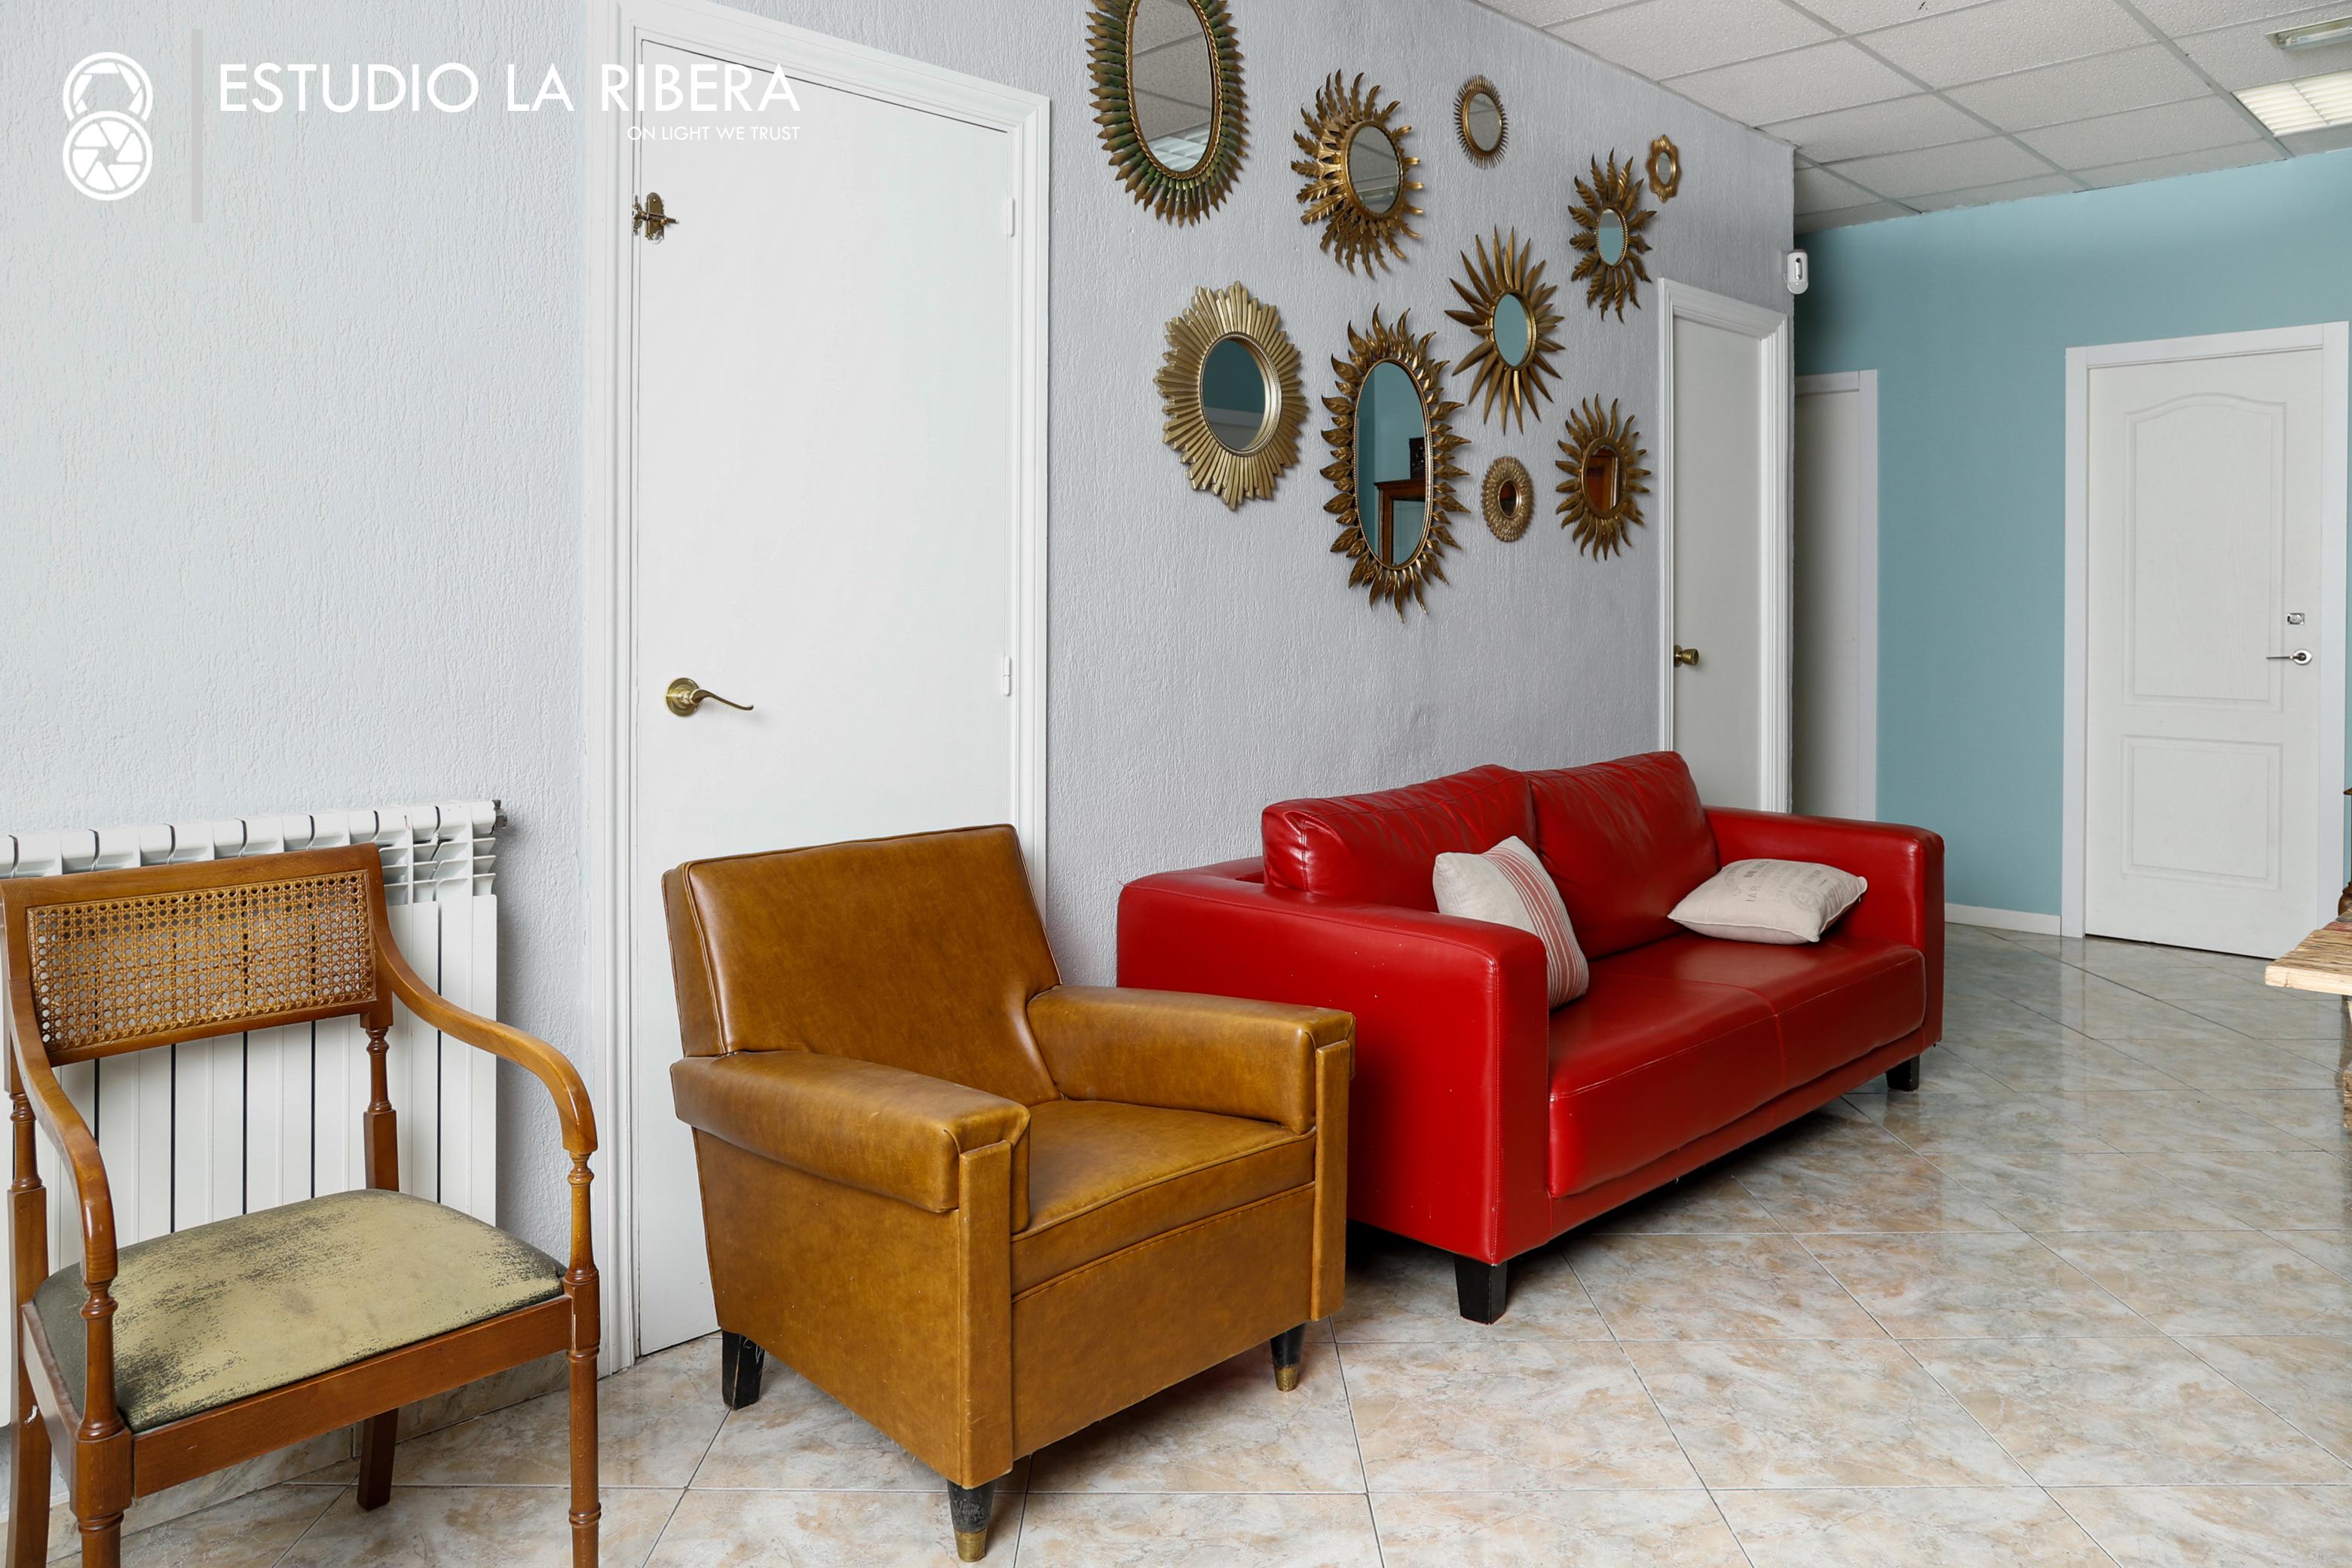 estudio_la_ribera_11